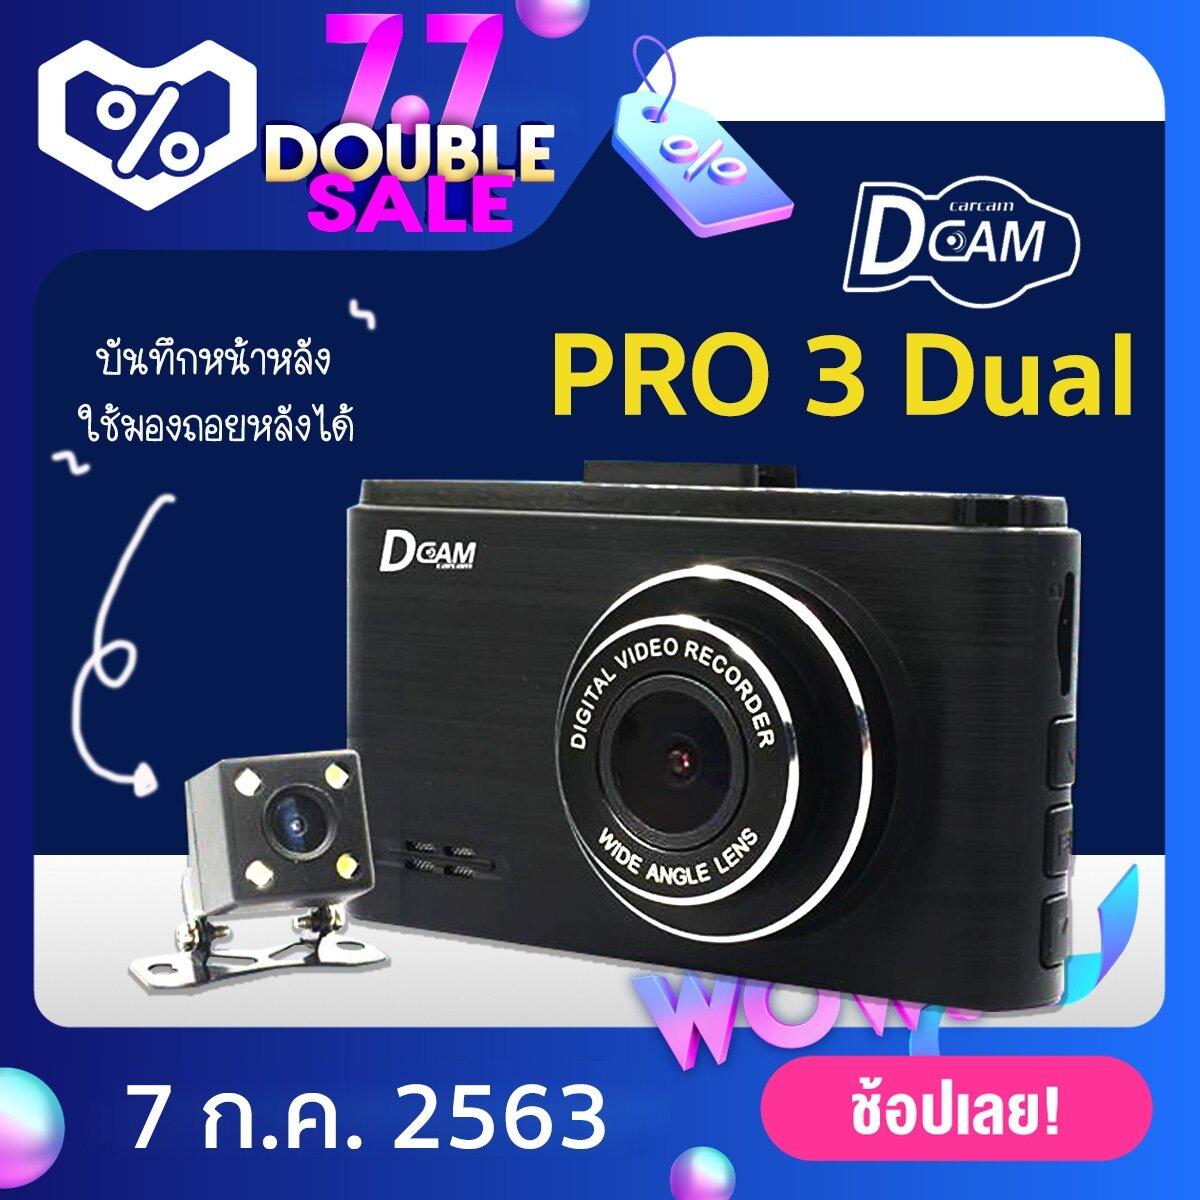 กล้องติดรถหน้าหลัง Dcam Pro 3 Dual กล้องติดรถยนต์ บันทึกหน้าหลัง ใช้ต่อเป็น กล้องถอยหลัง ได้ ประกันศูนย์ไทย 18 เดือน.